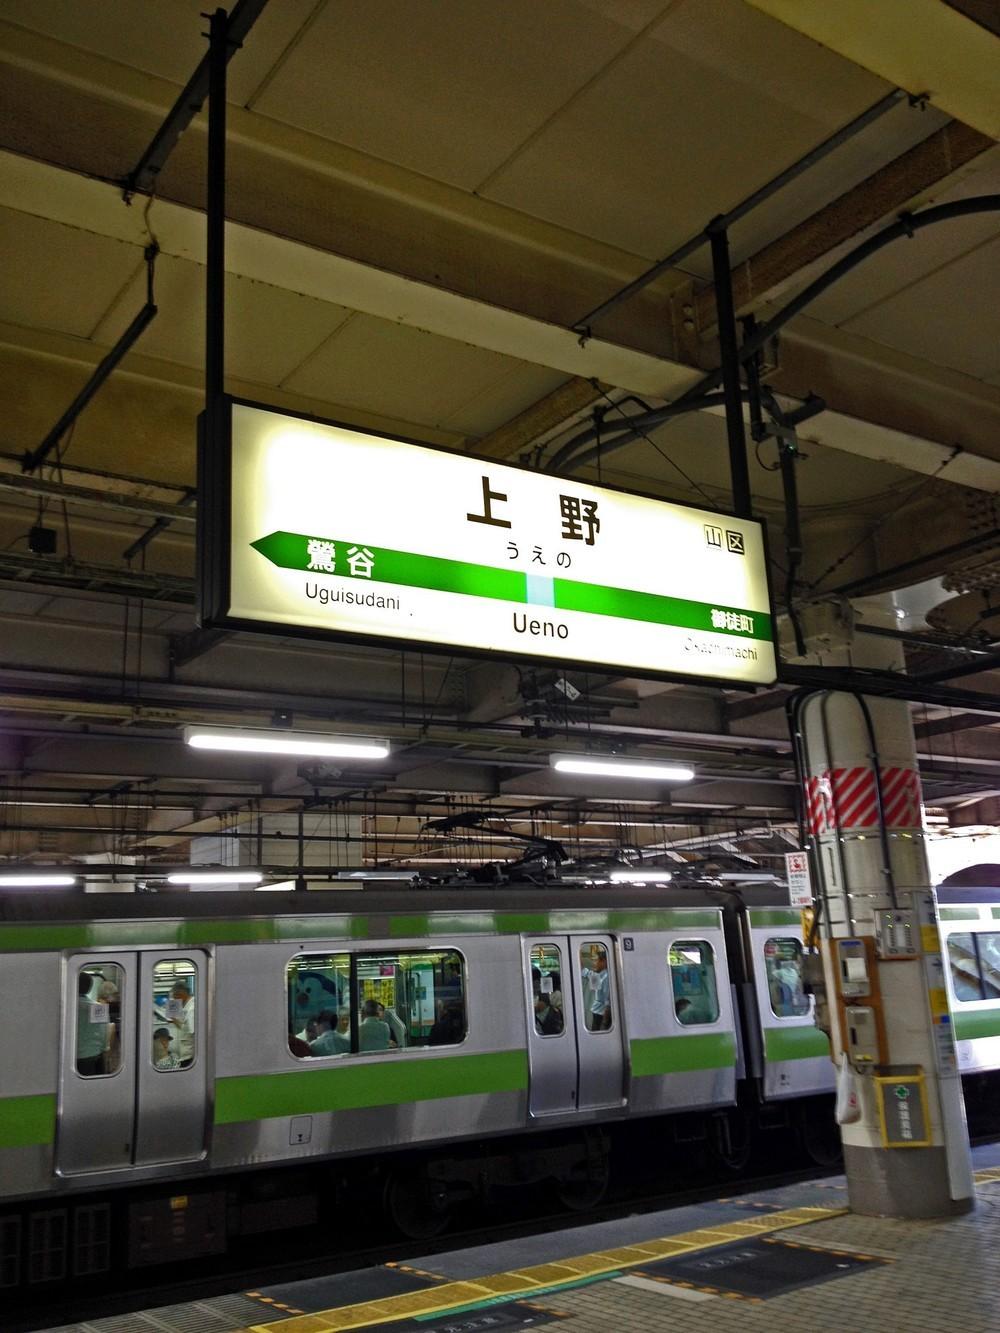 「誰だ、上野駅で粗相したのは...」 相次いだツイッター報告をJR東に聞いた